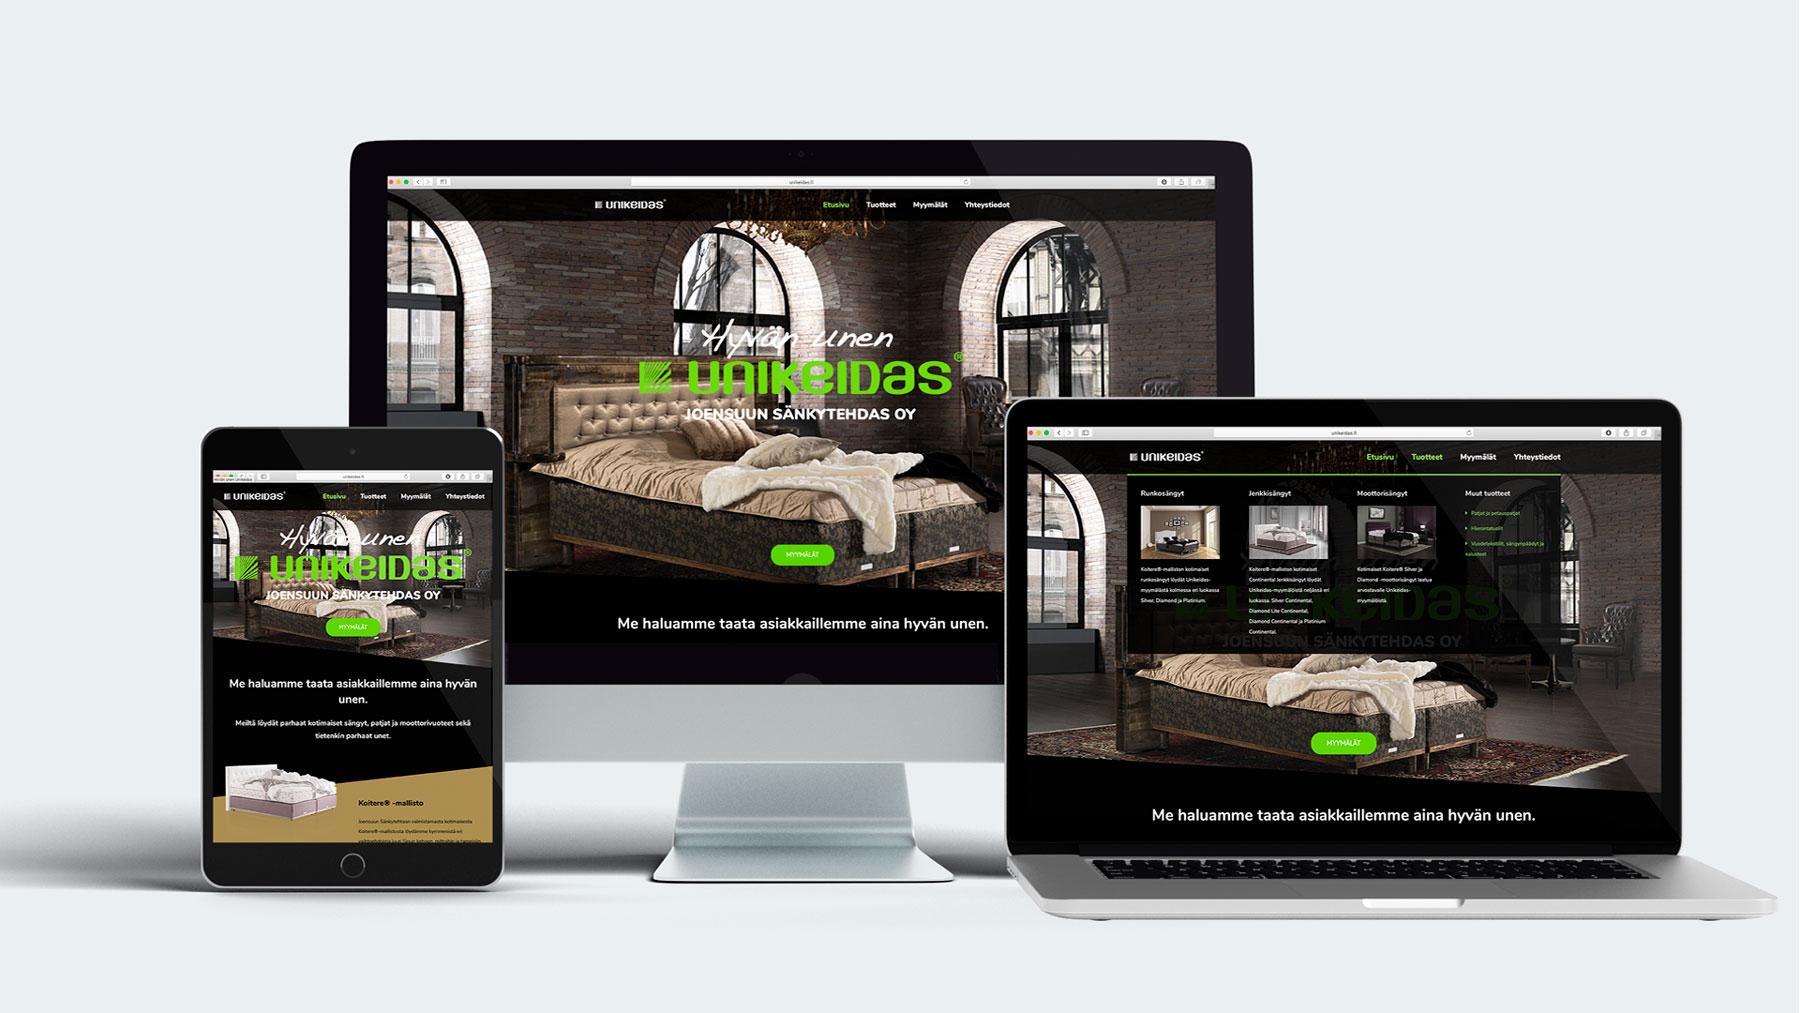 Antibox Unikeidas verkkosivut www